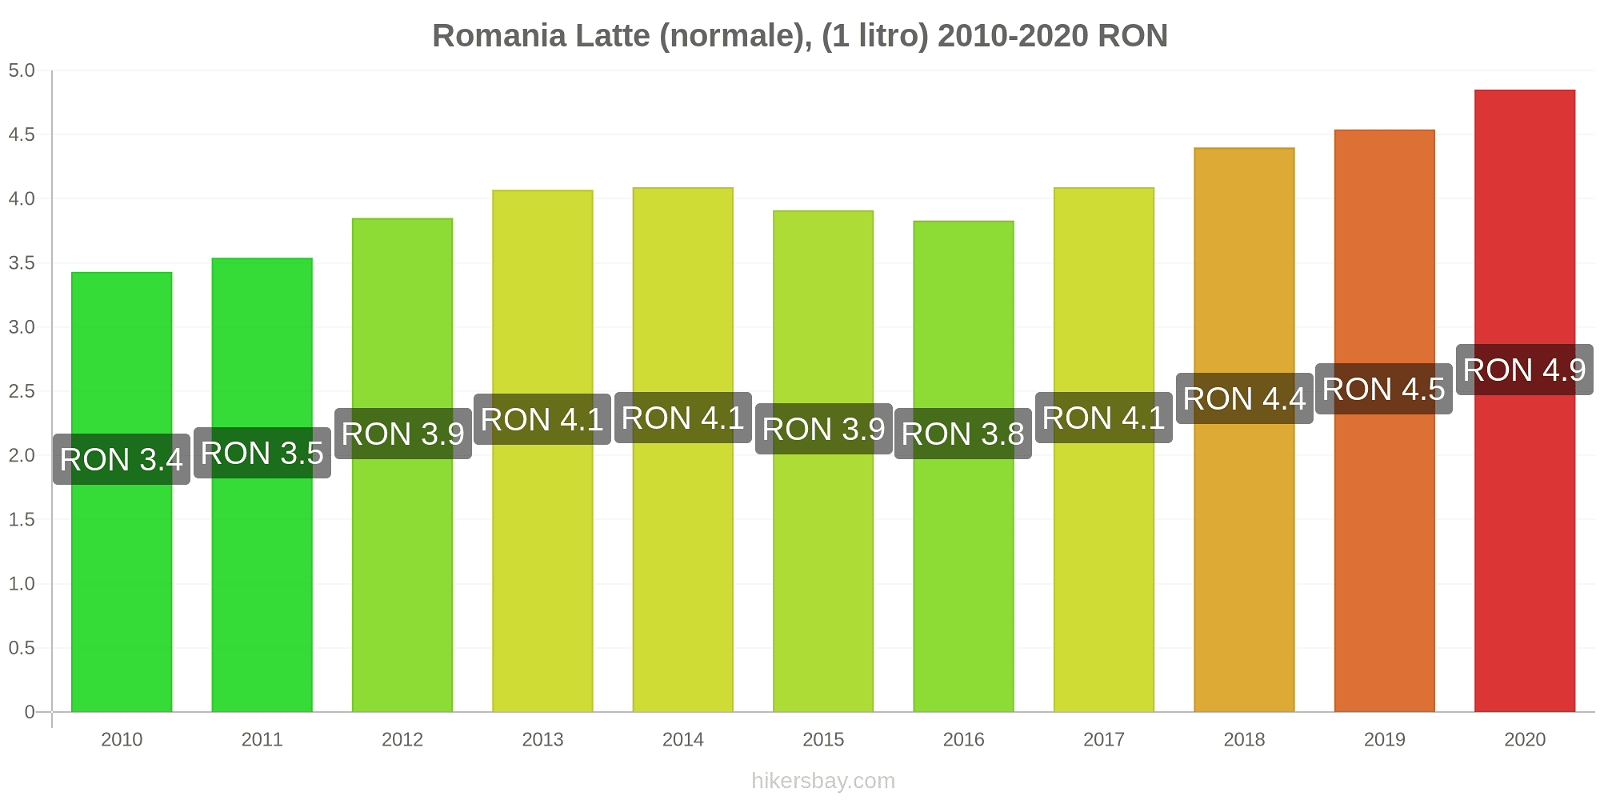 Romania variazioni di prezzo Latte (1 litro) hikersbay.com